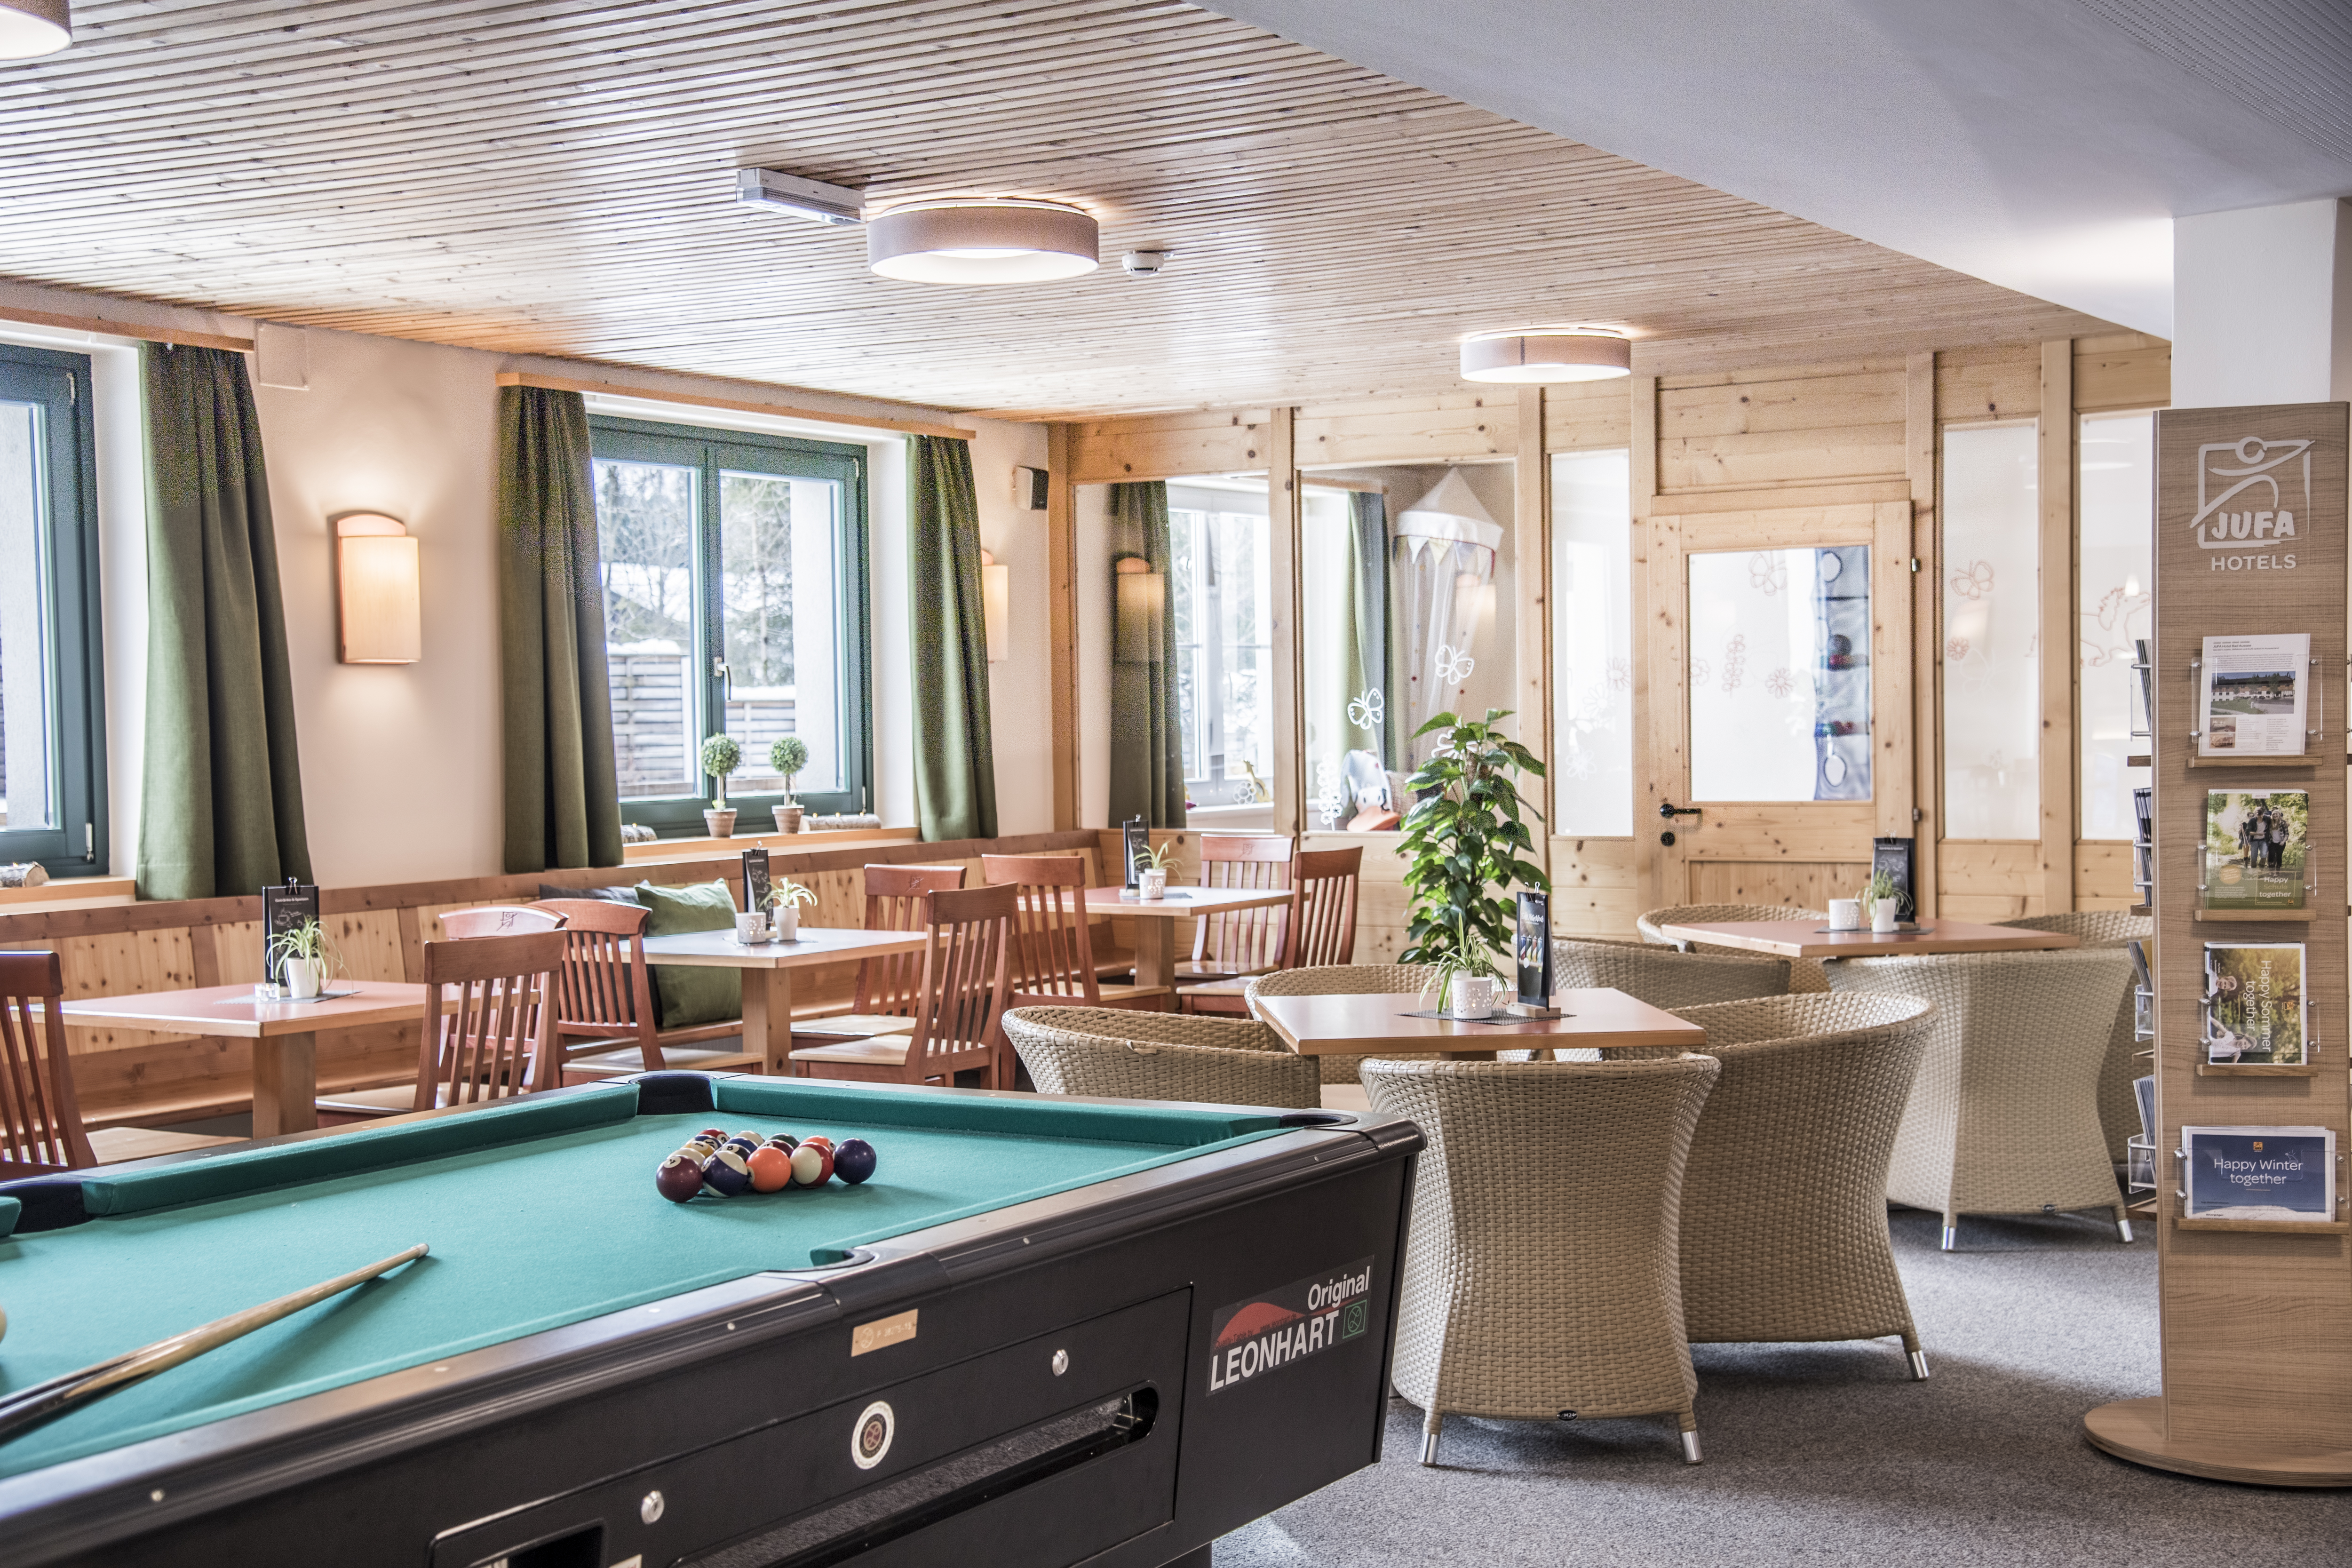 Café im JUFA Hotel Bad Aussee mit Billardtisch